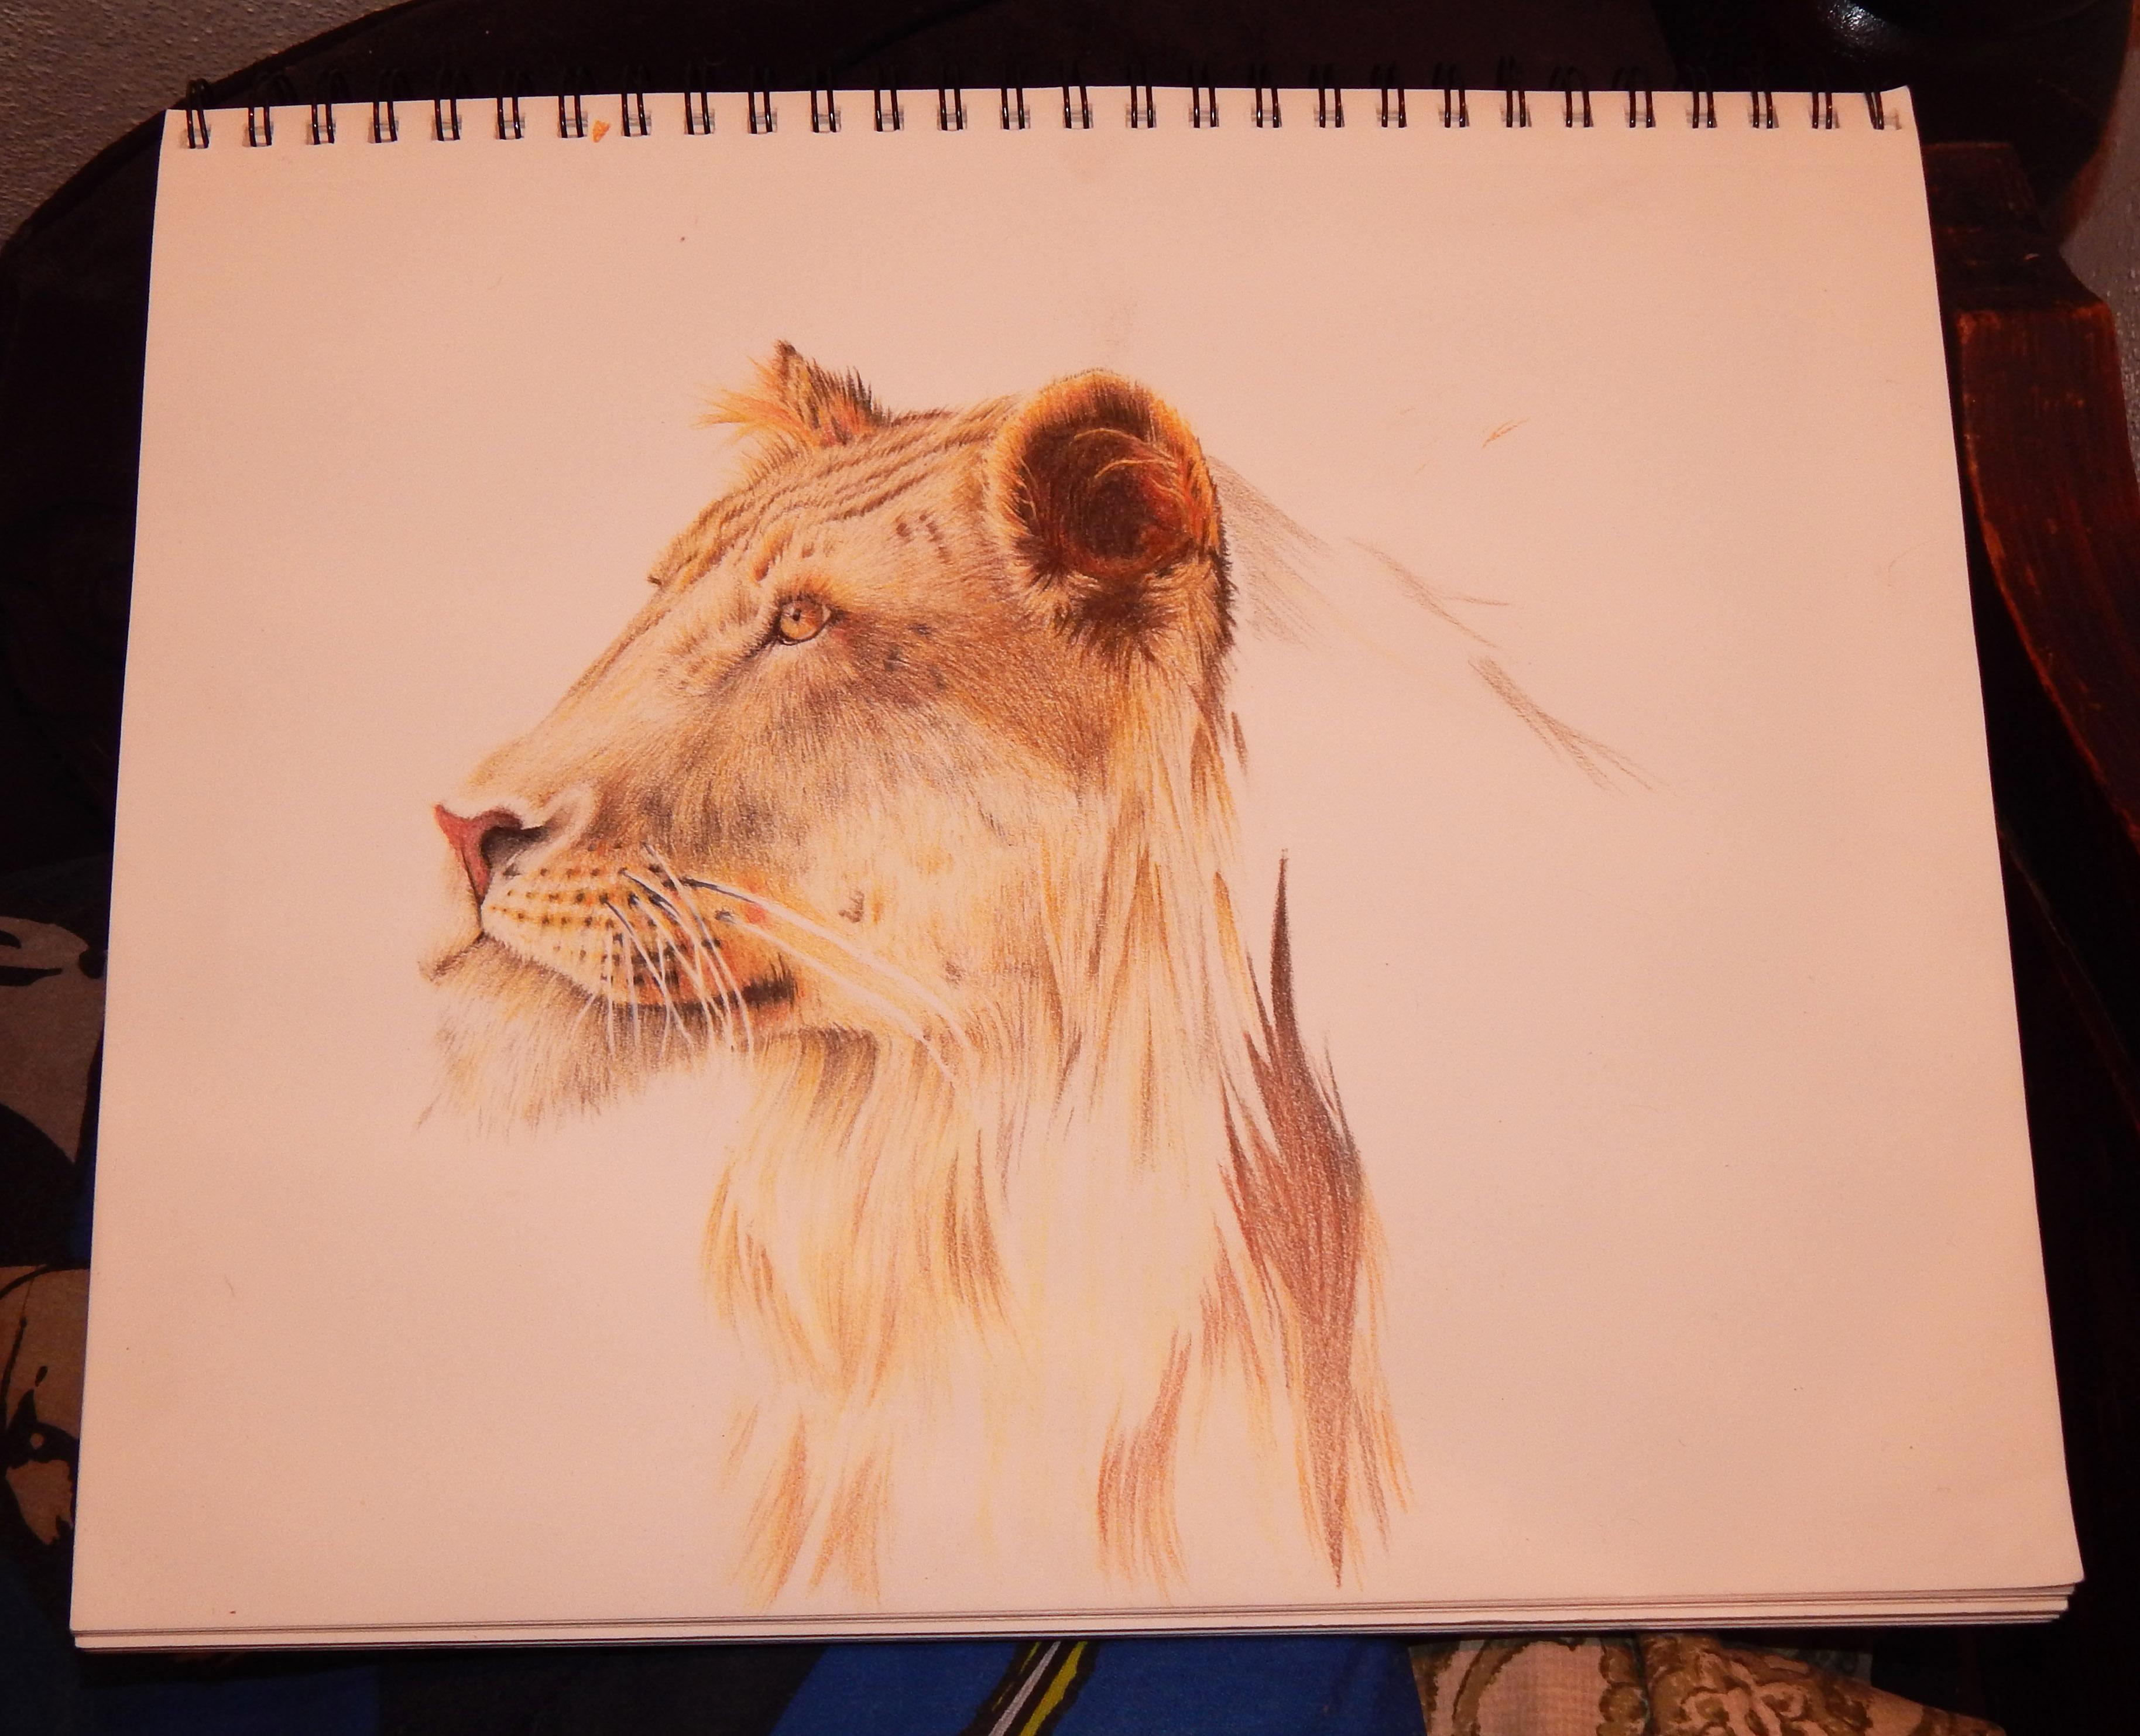 Work in Progress #3 - Lion